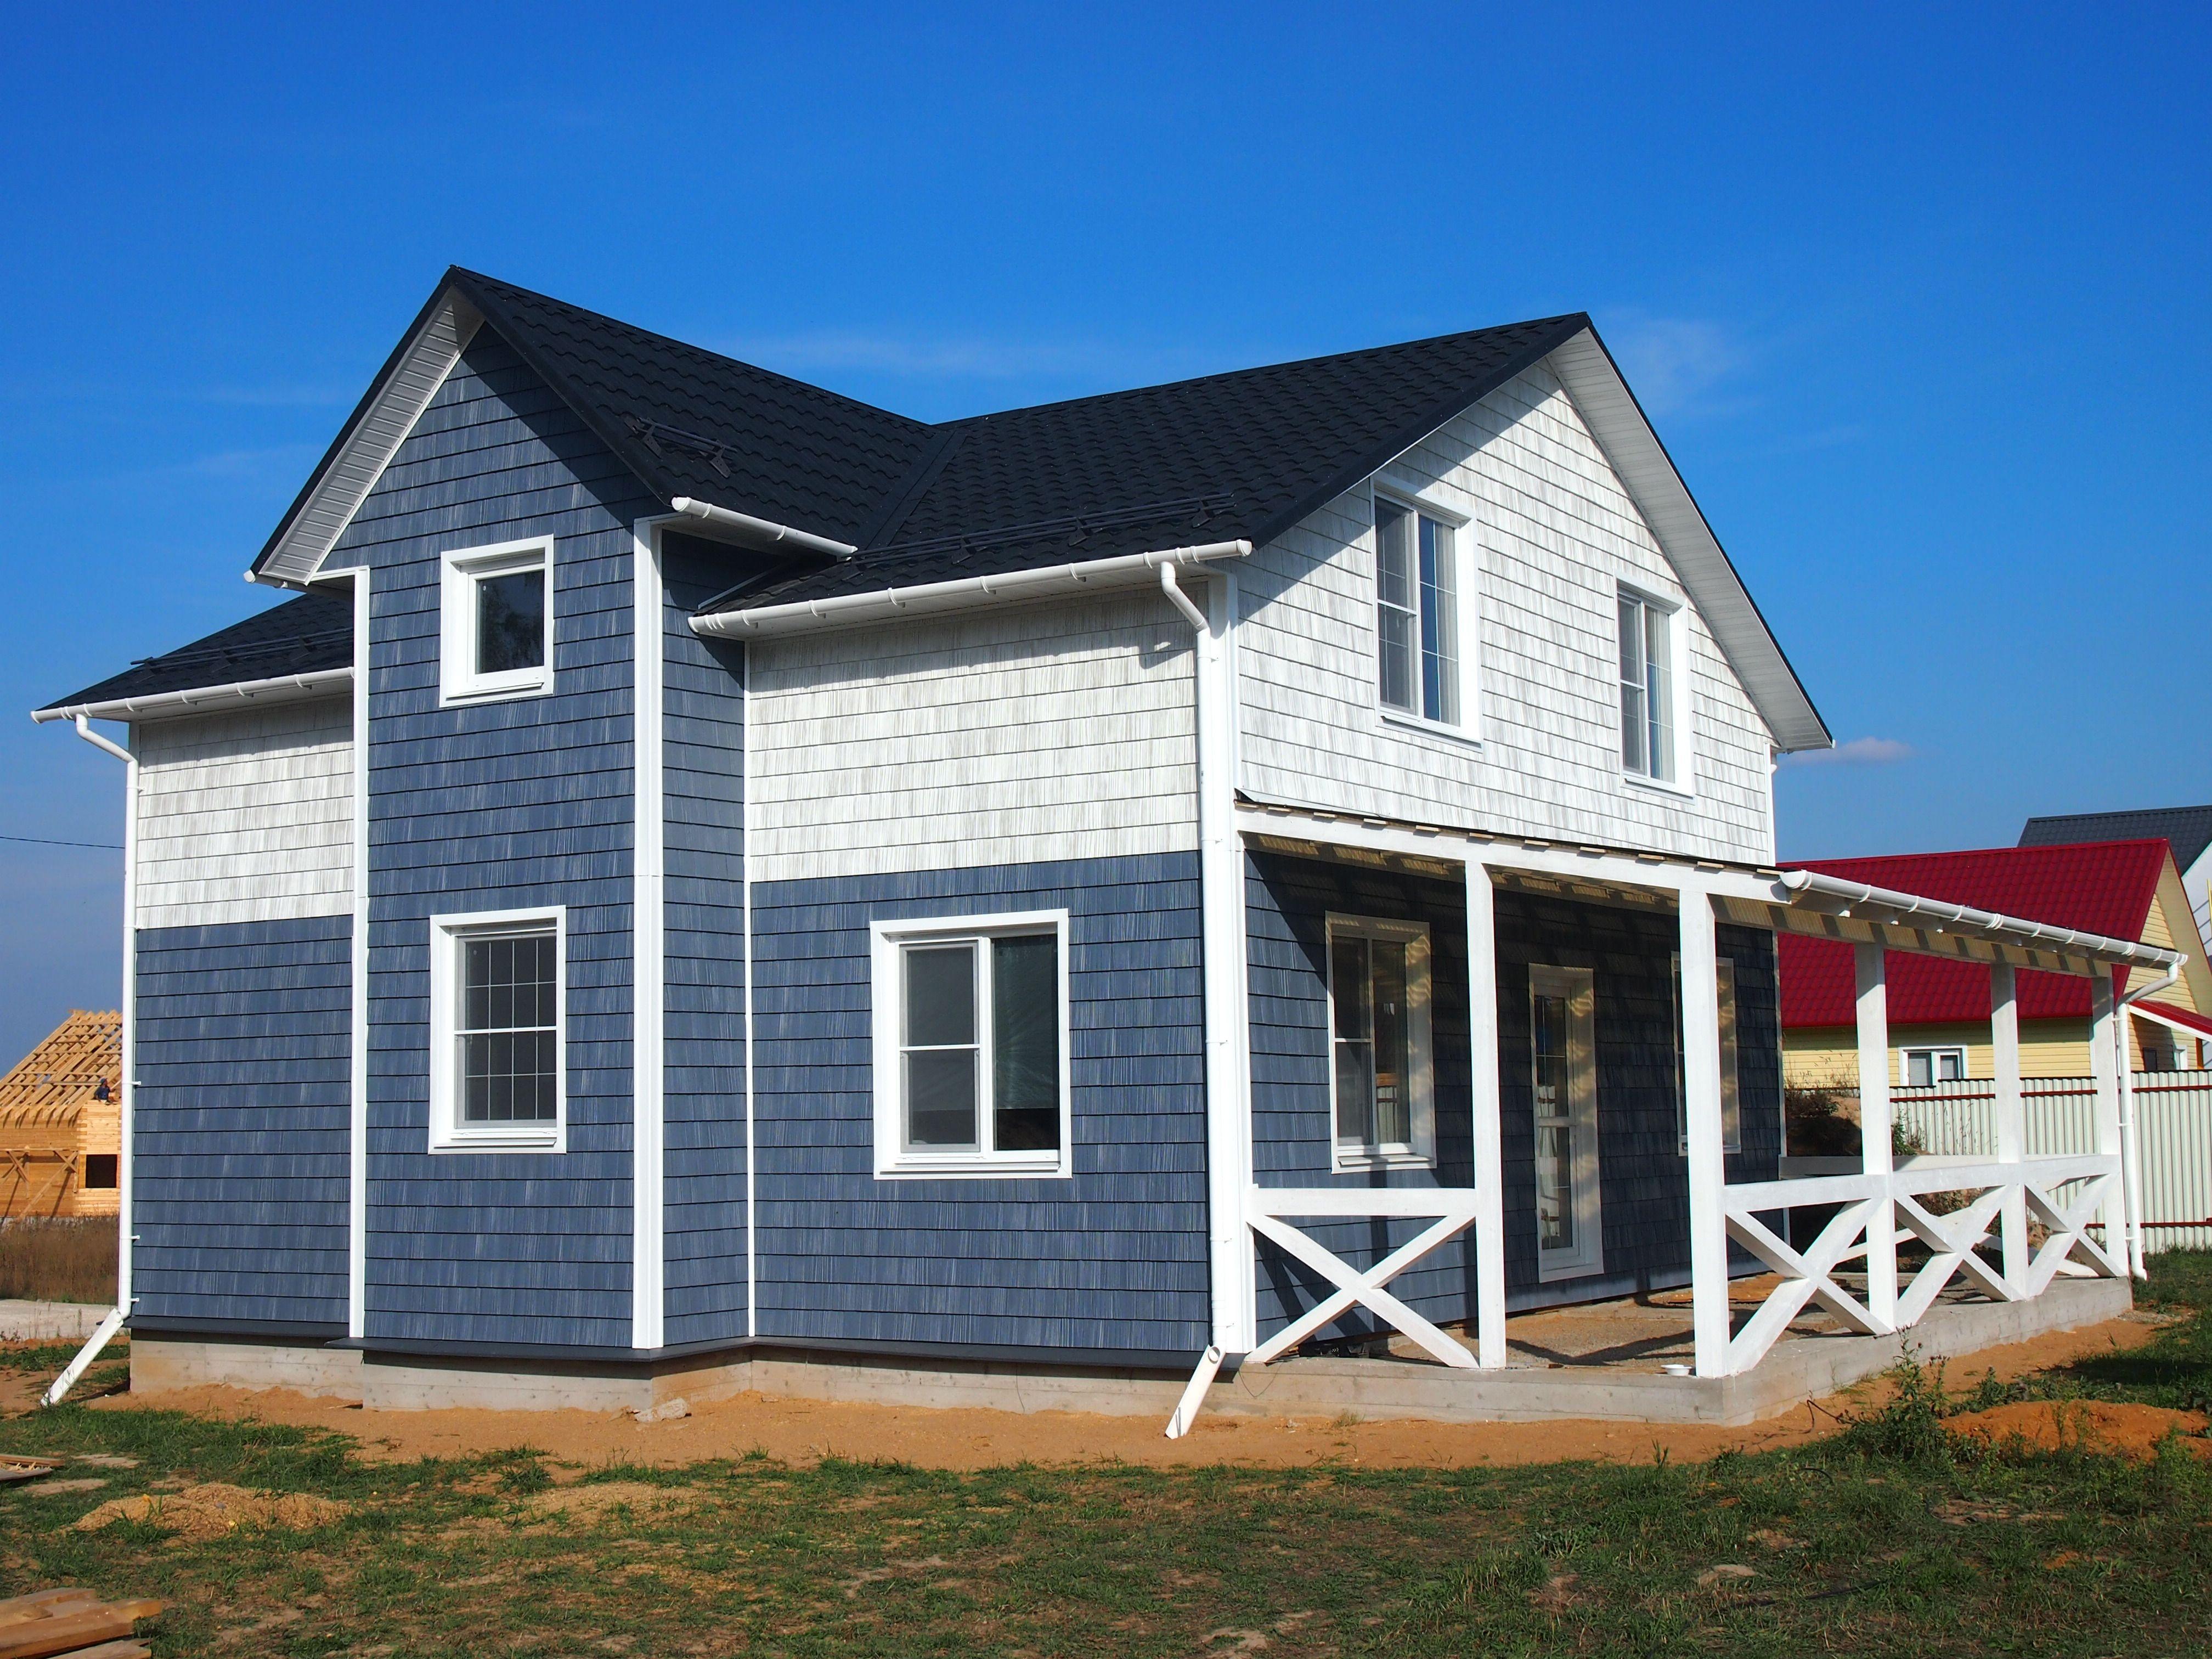 отделка фасадов частных домов фото сайдингом окончания института